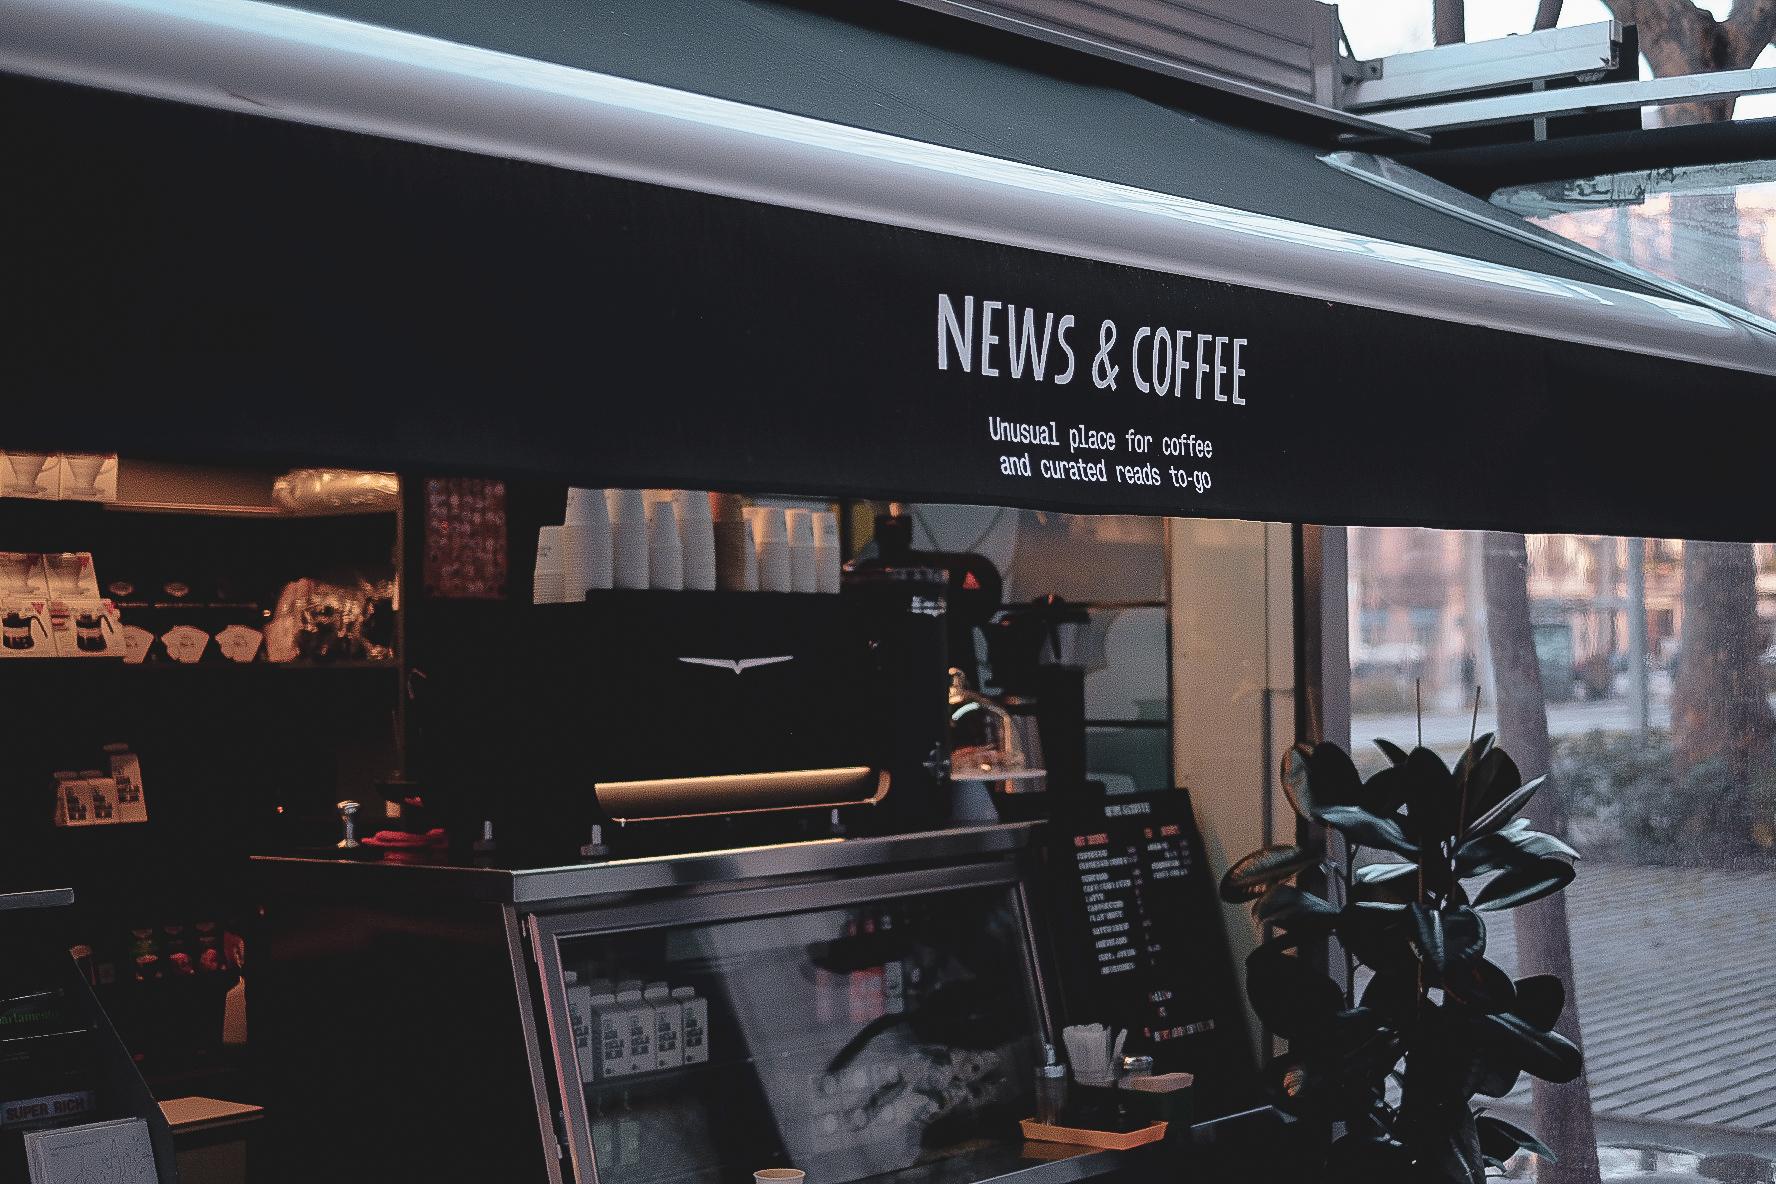 News&Coffee